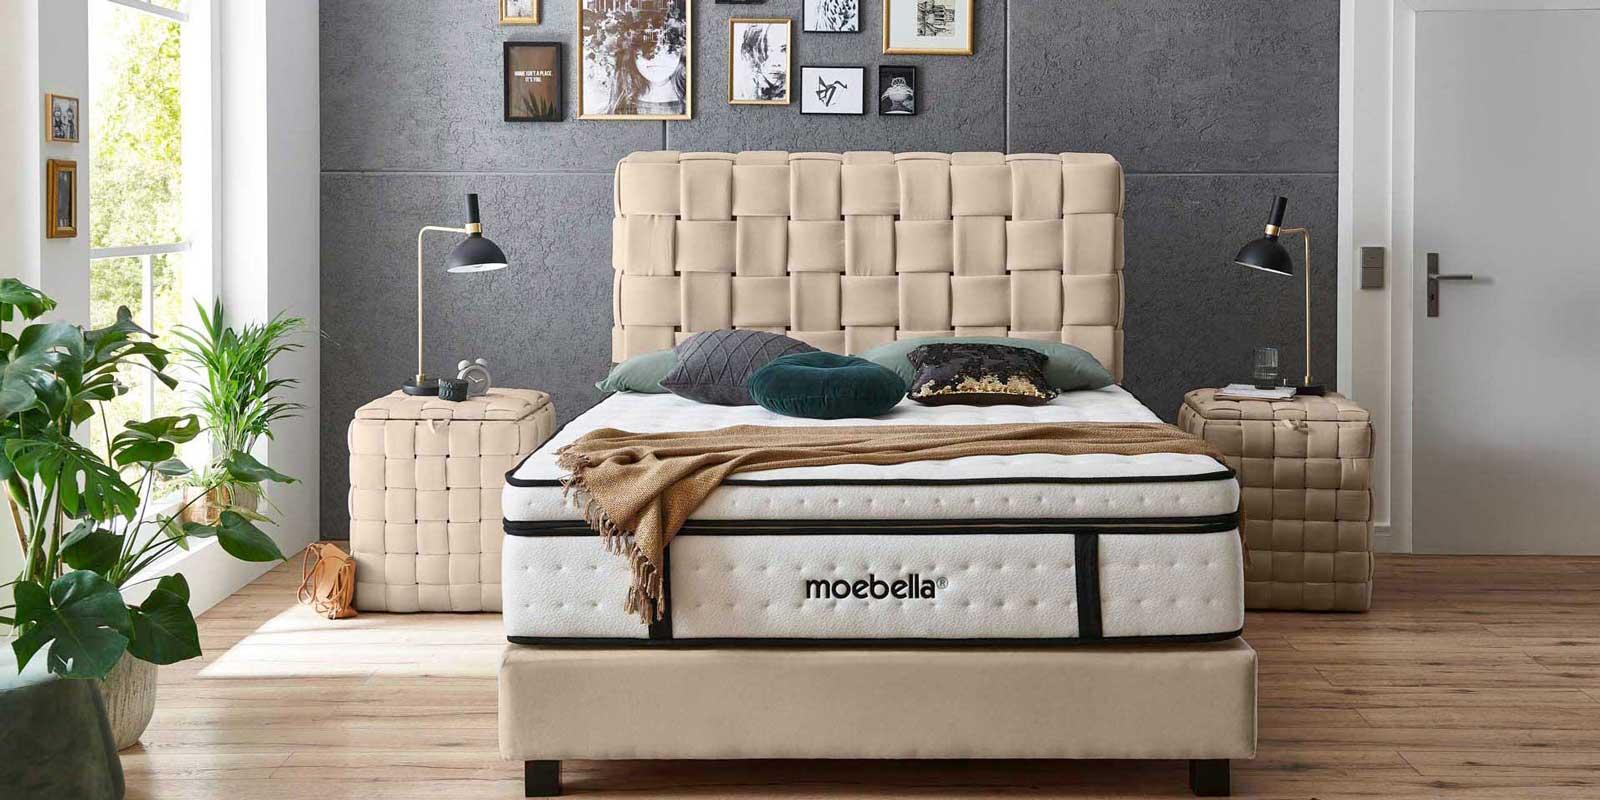 Moebella24 - Boxspringbett Wales - Kopfteil geflochten - Nachttisch Wales - handgeflochten passend für das Boxspringbett - velour beige von vorne